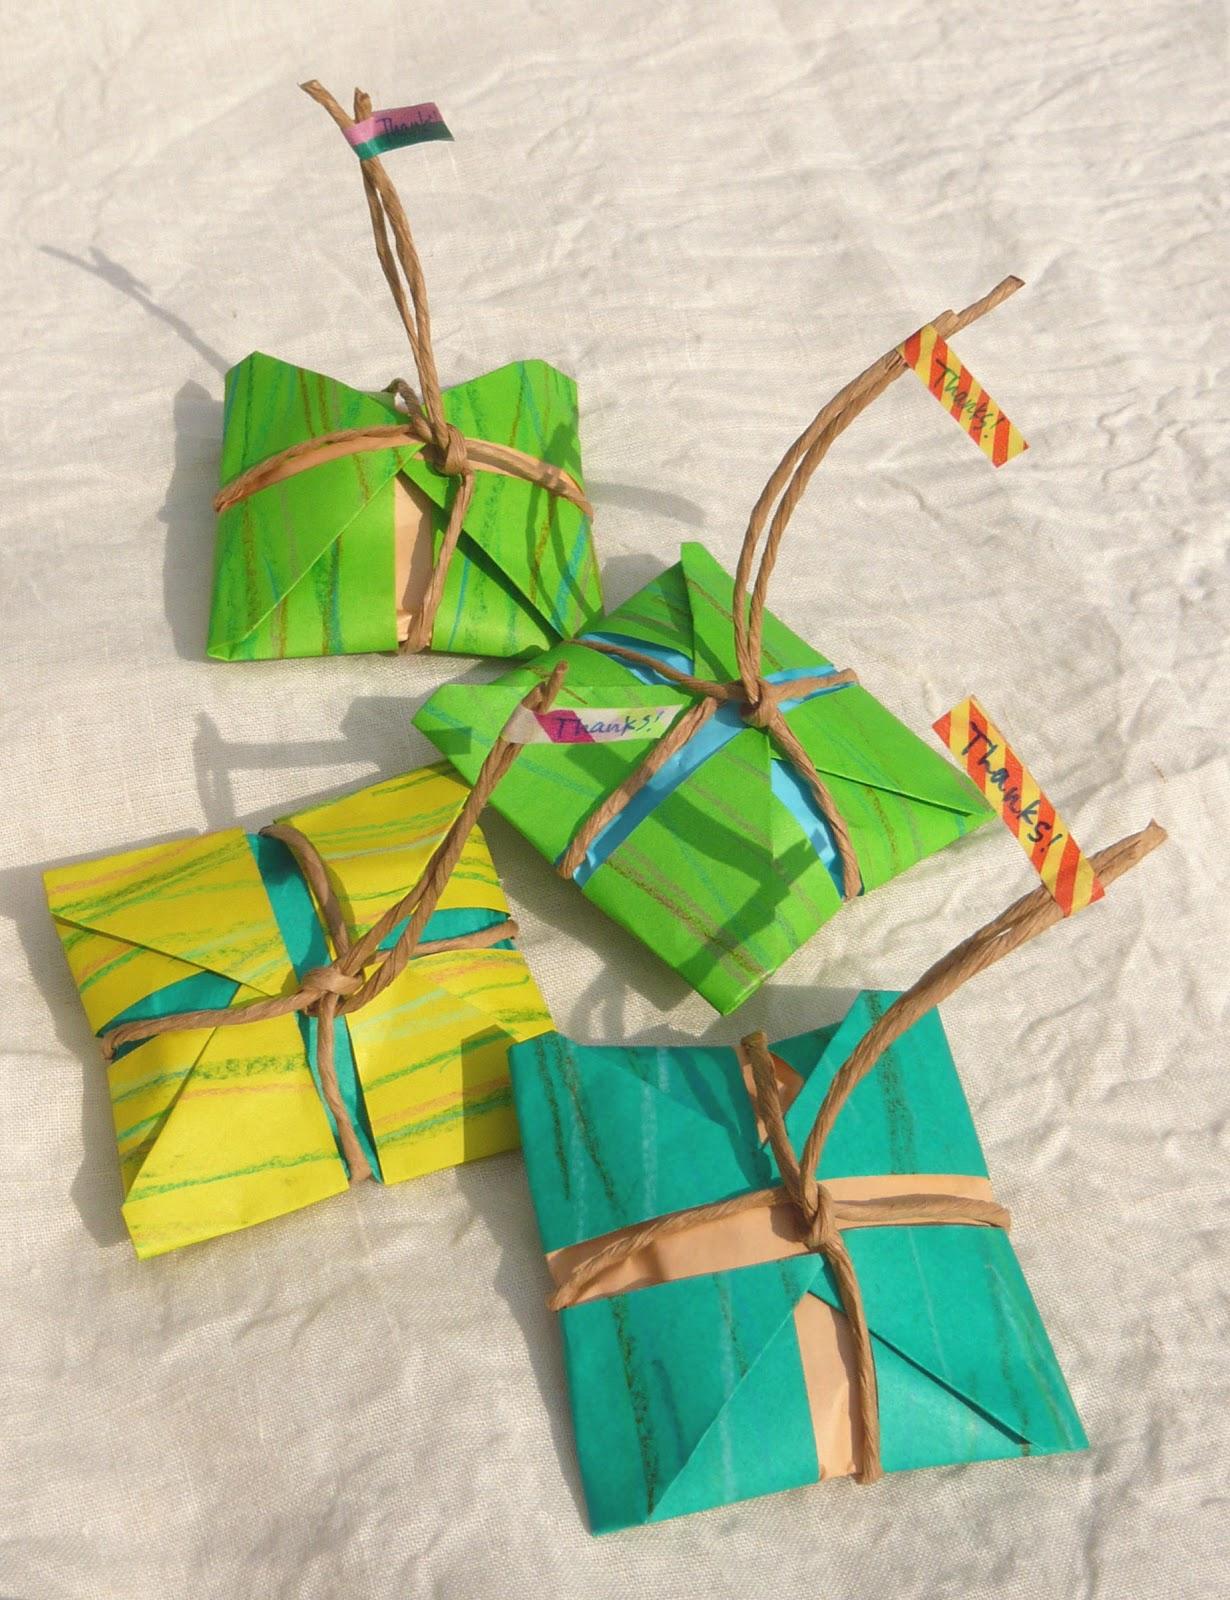 すべての折り紙 折り紙トトロの作り方 : ... ラッピング トトロのお土産